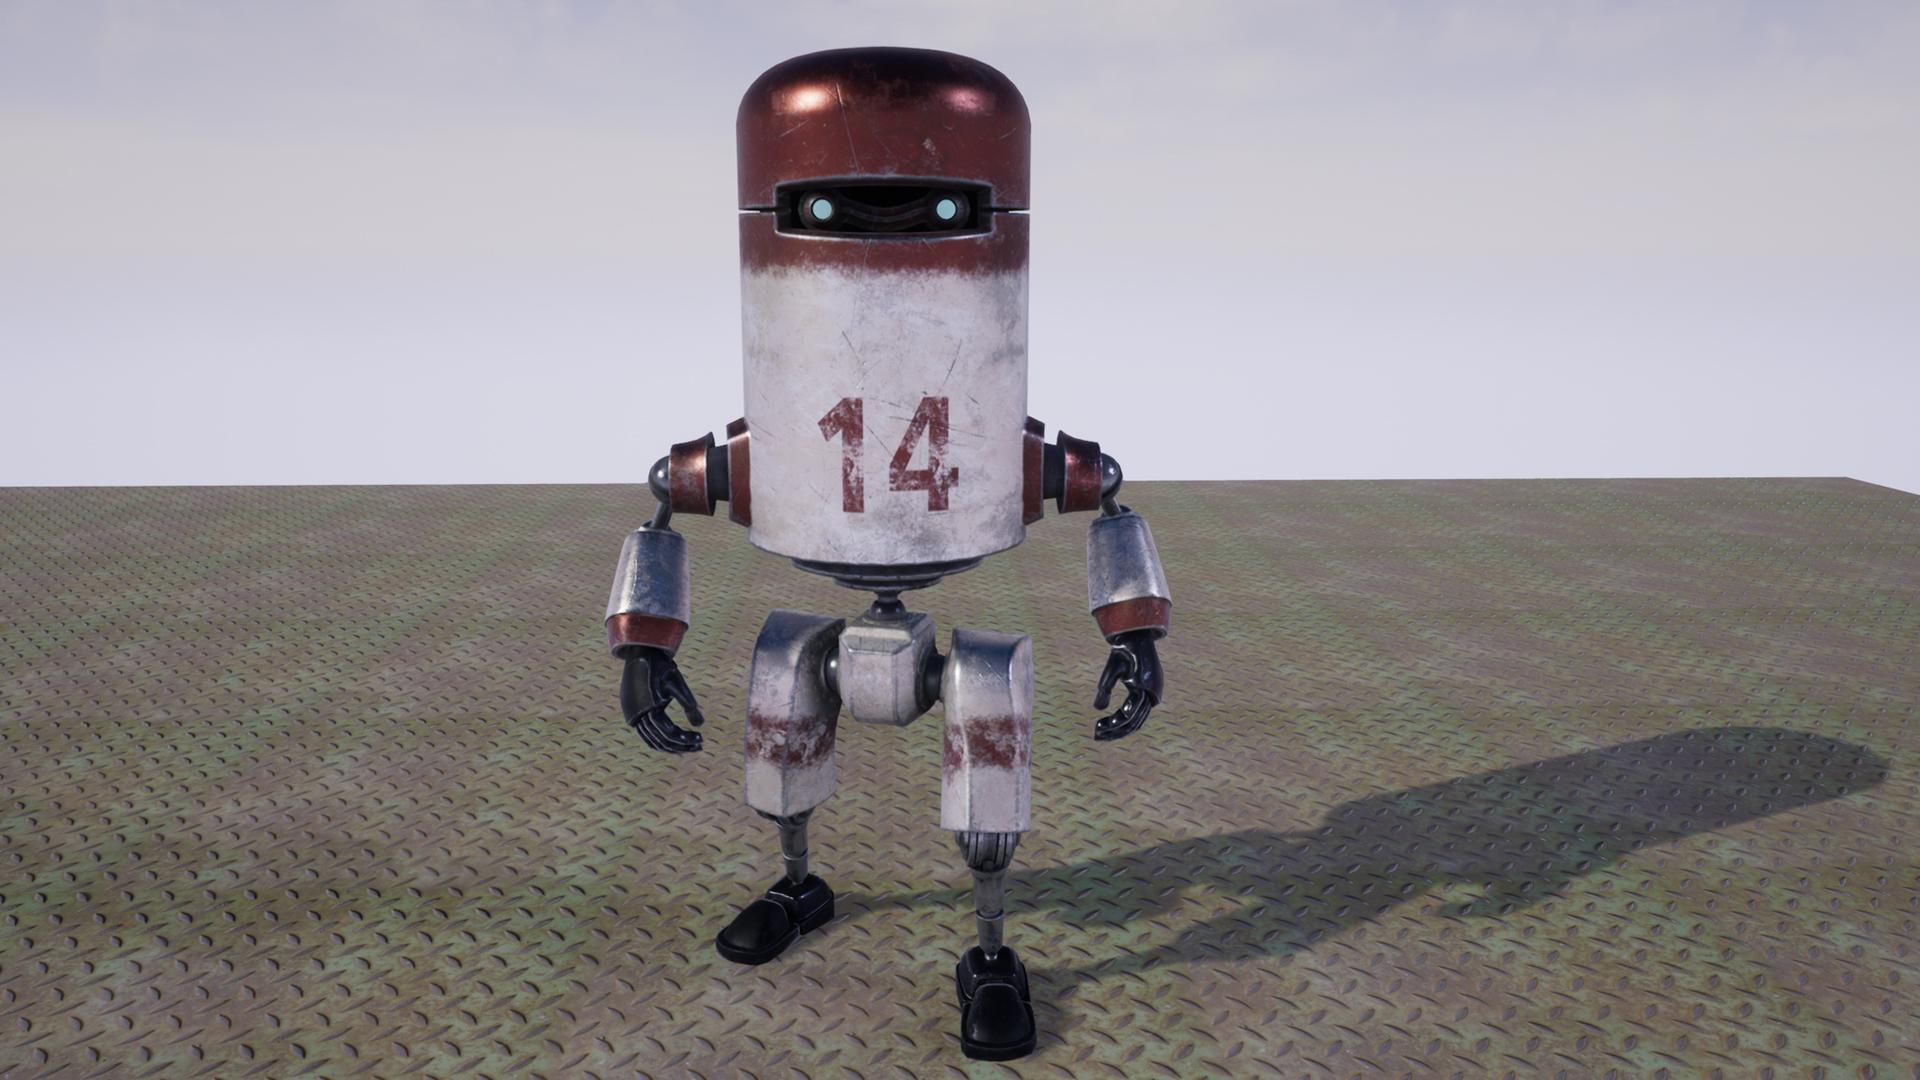 得益先临三维3D数据采集技术,胶囊机器人完成深度学习与算法训练